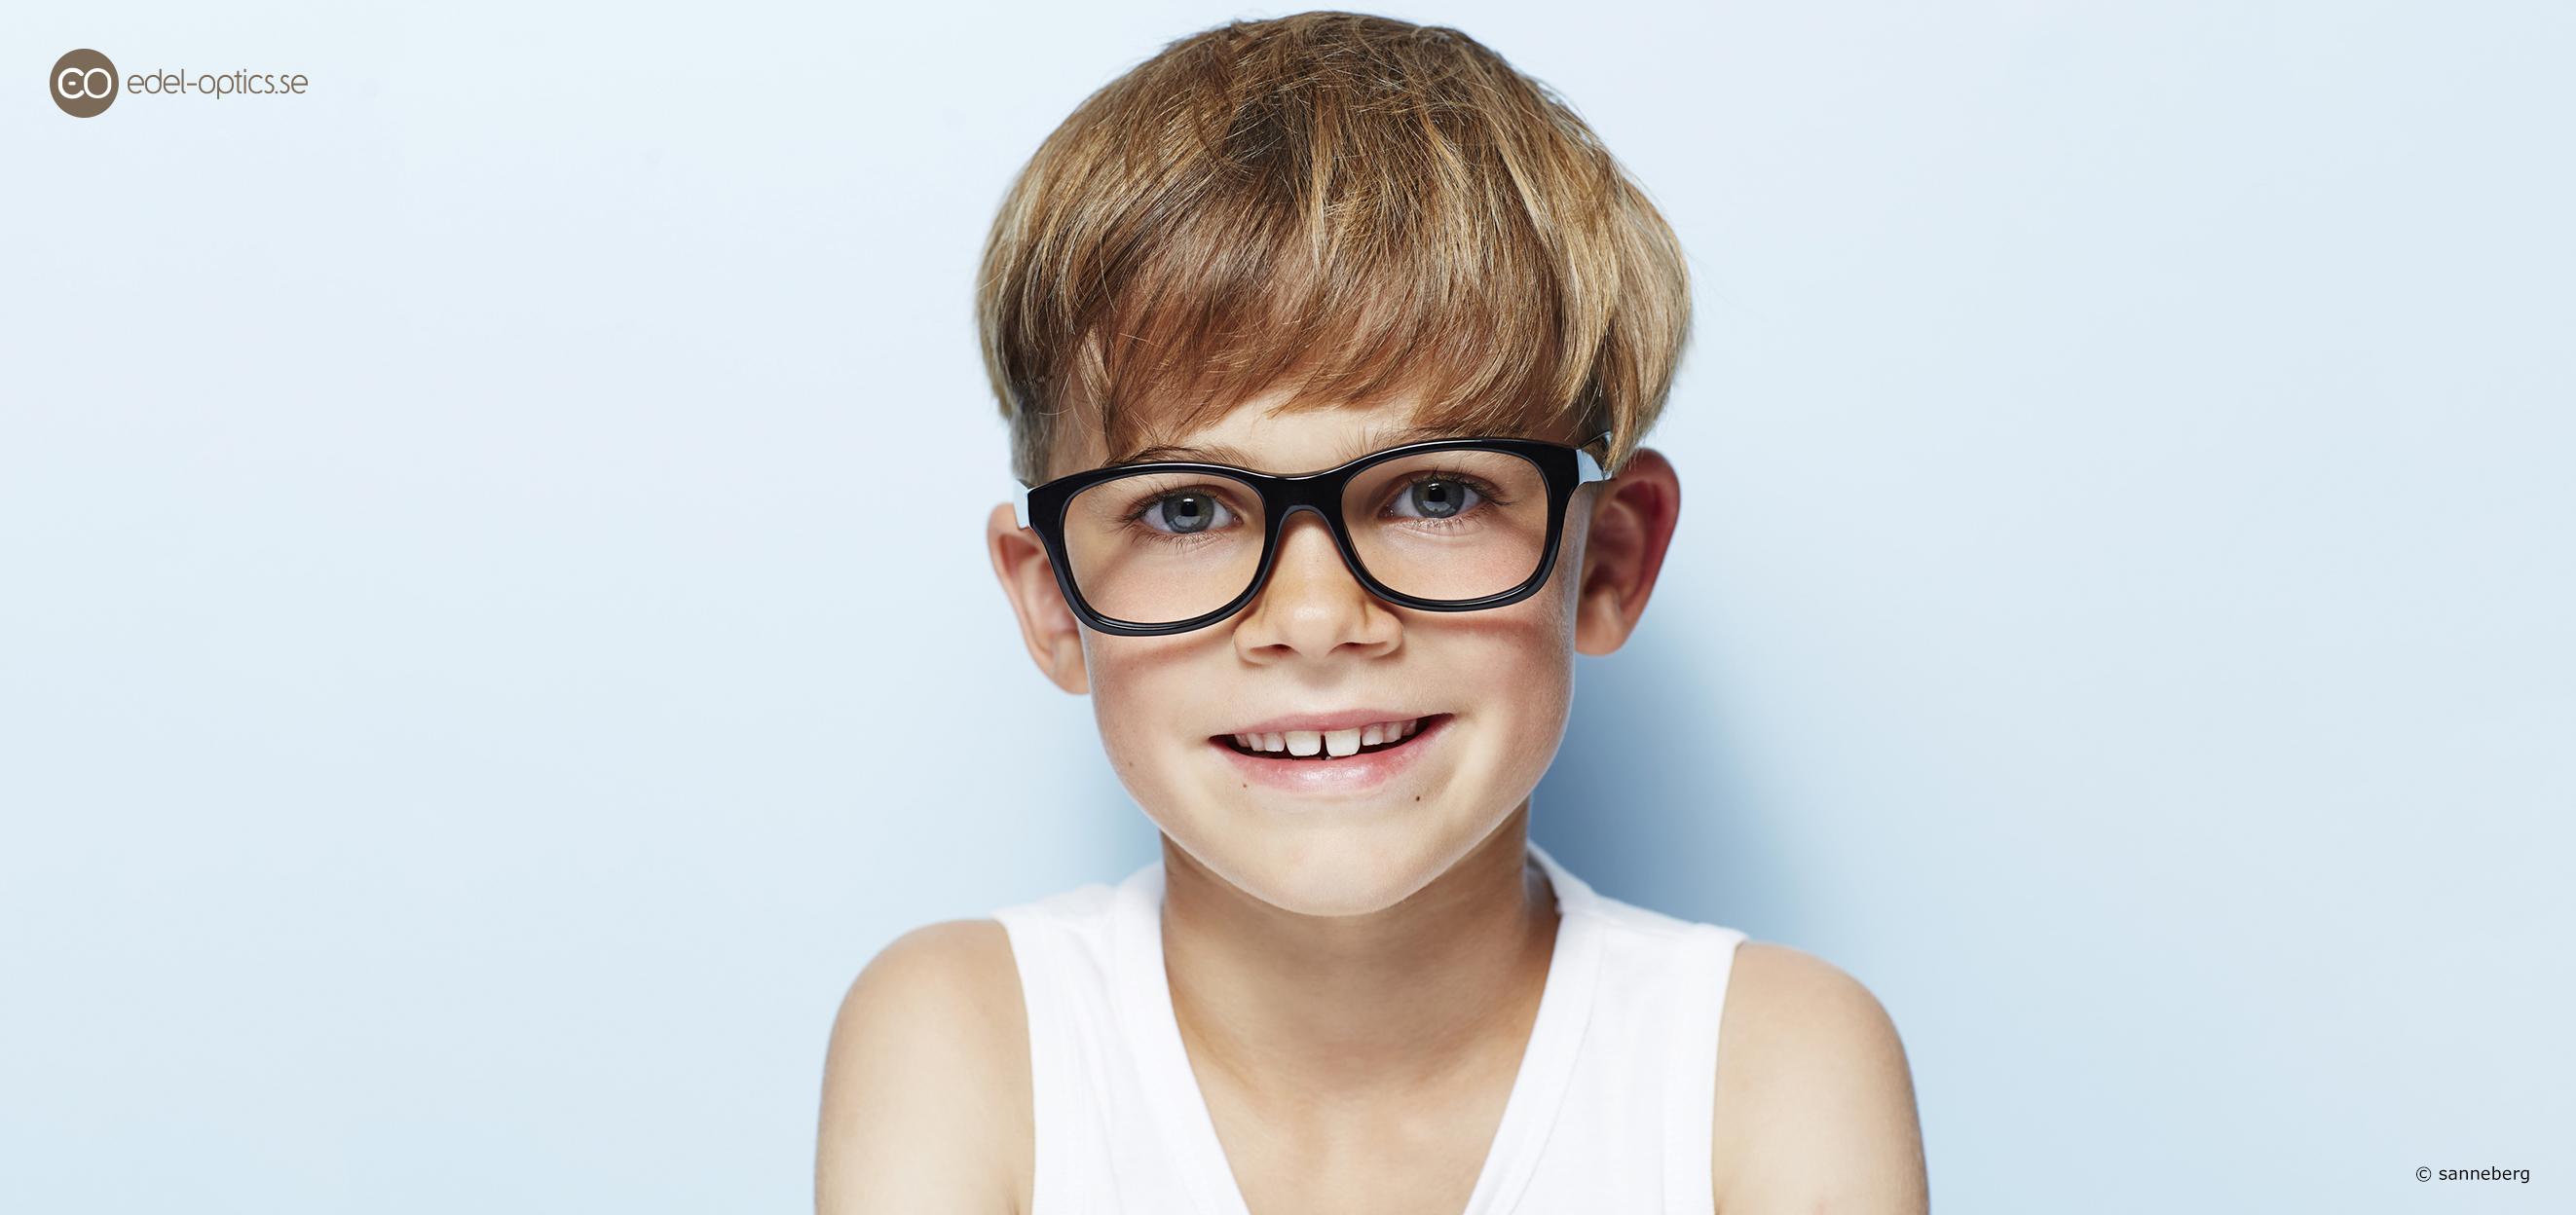 Barnglasögon  ingen glasögonorm här inte! - Edel Optics Blog 58367f1779849